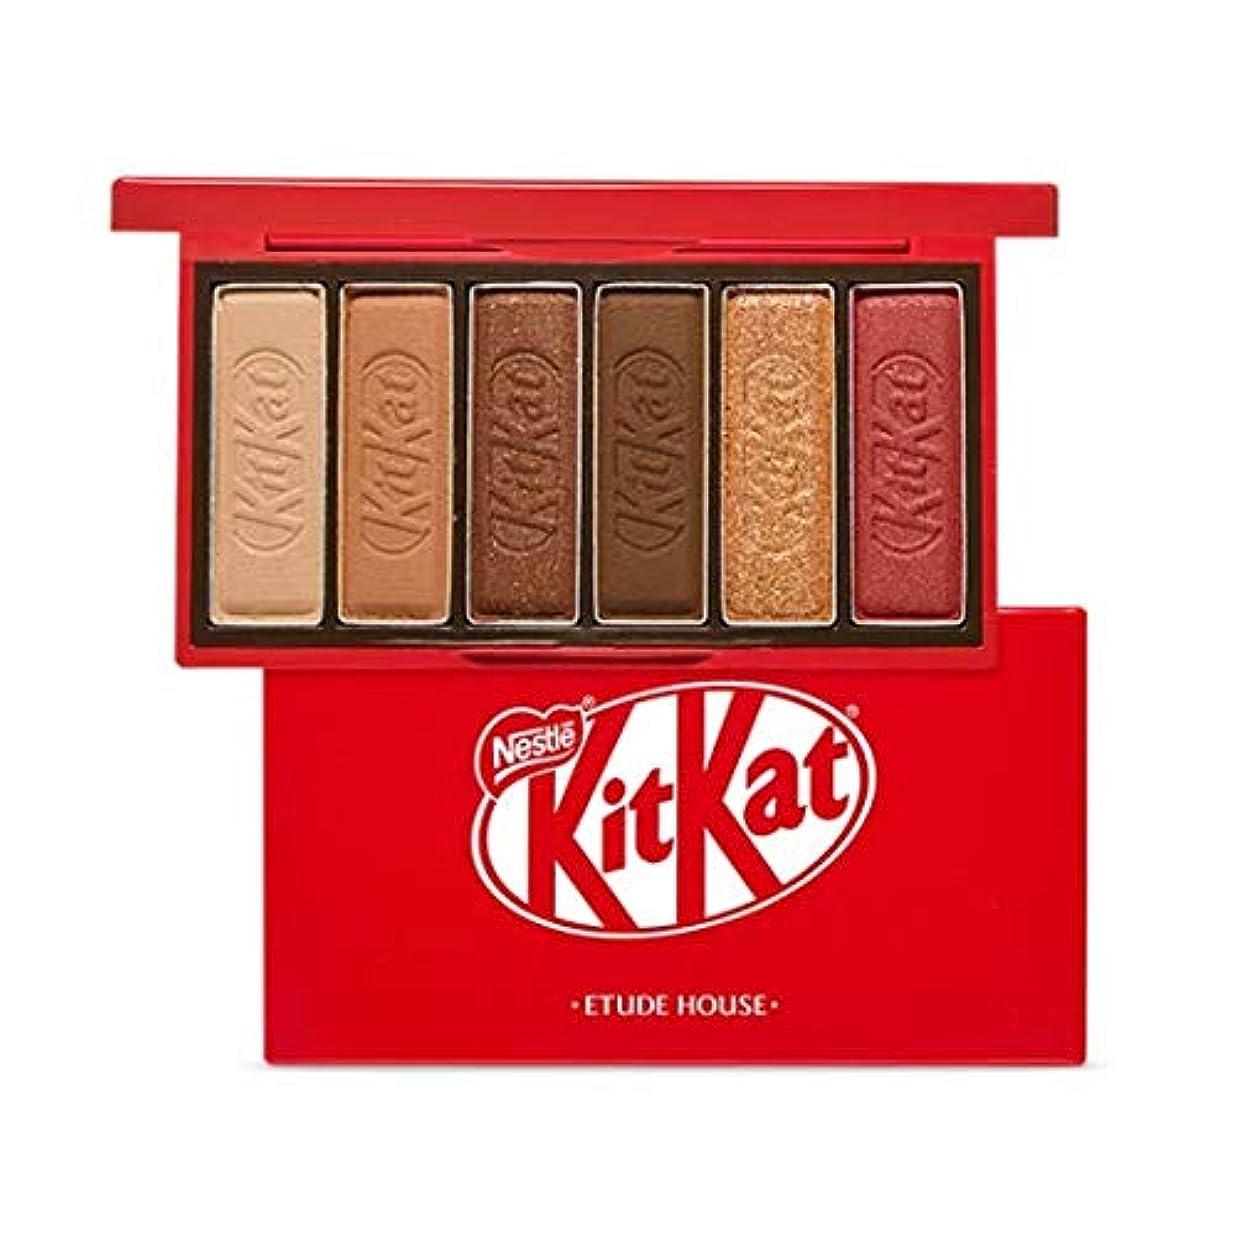 消費する交通渋滞害エチュードハウス キットカット プレイカラー アイズ ミニ 1*6g / ETUDE HOUSE KitKat Play Color Eyes Mini #1 KitKat Original [並行輸入品]